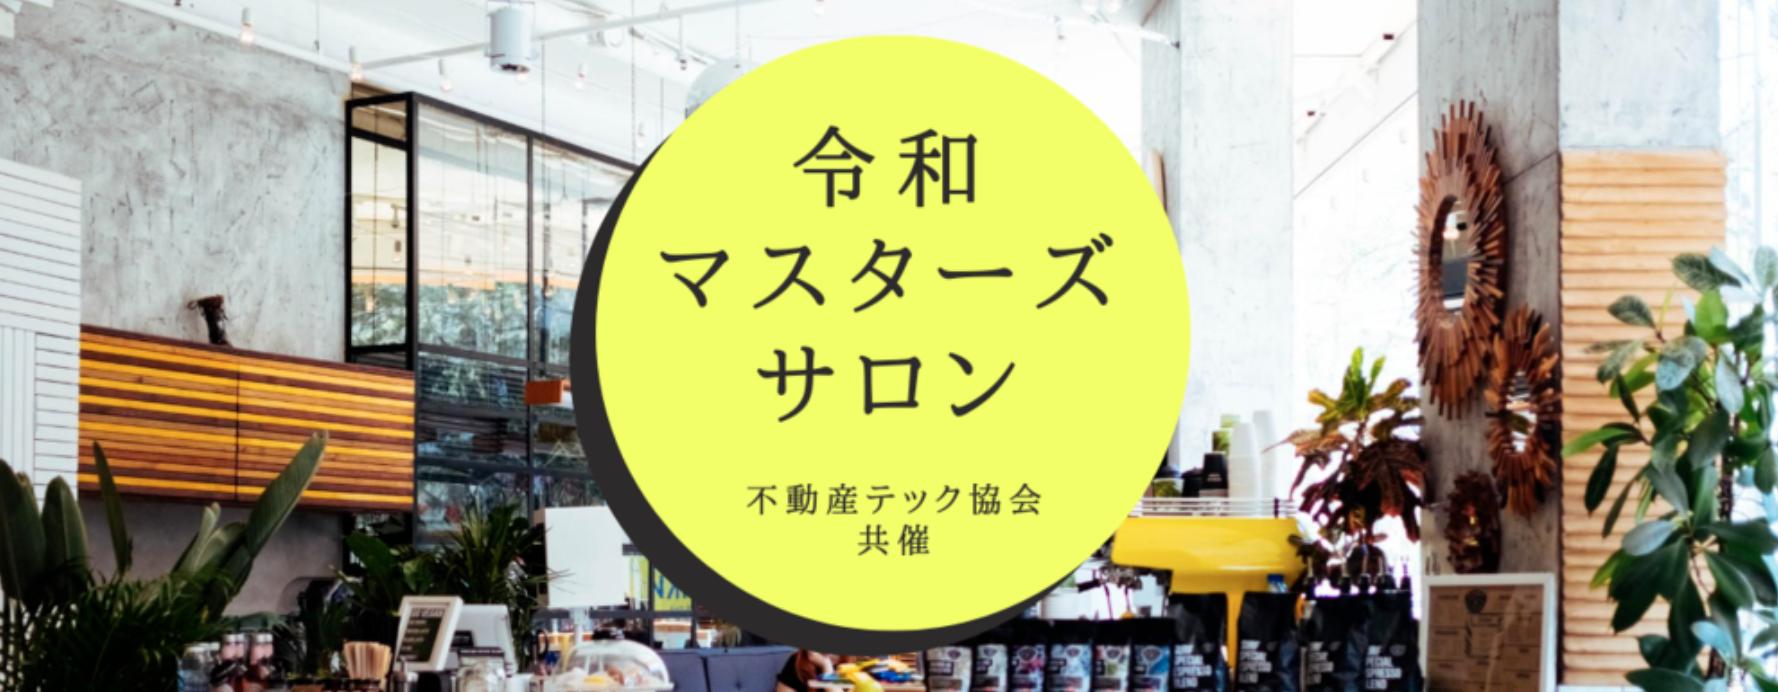 【9.2 ウェビナー参加】令和マスターズさろん×不動産テック協会